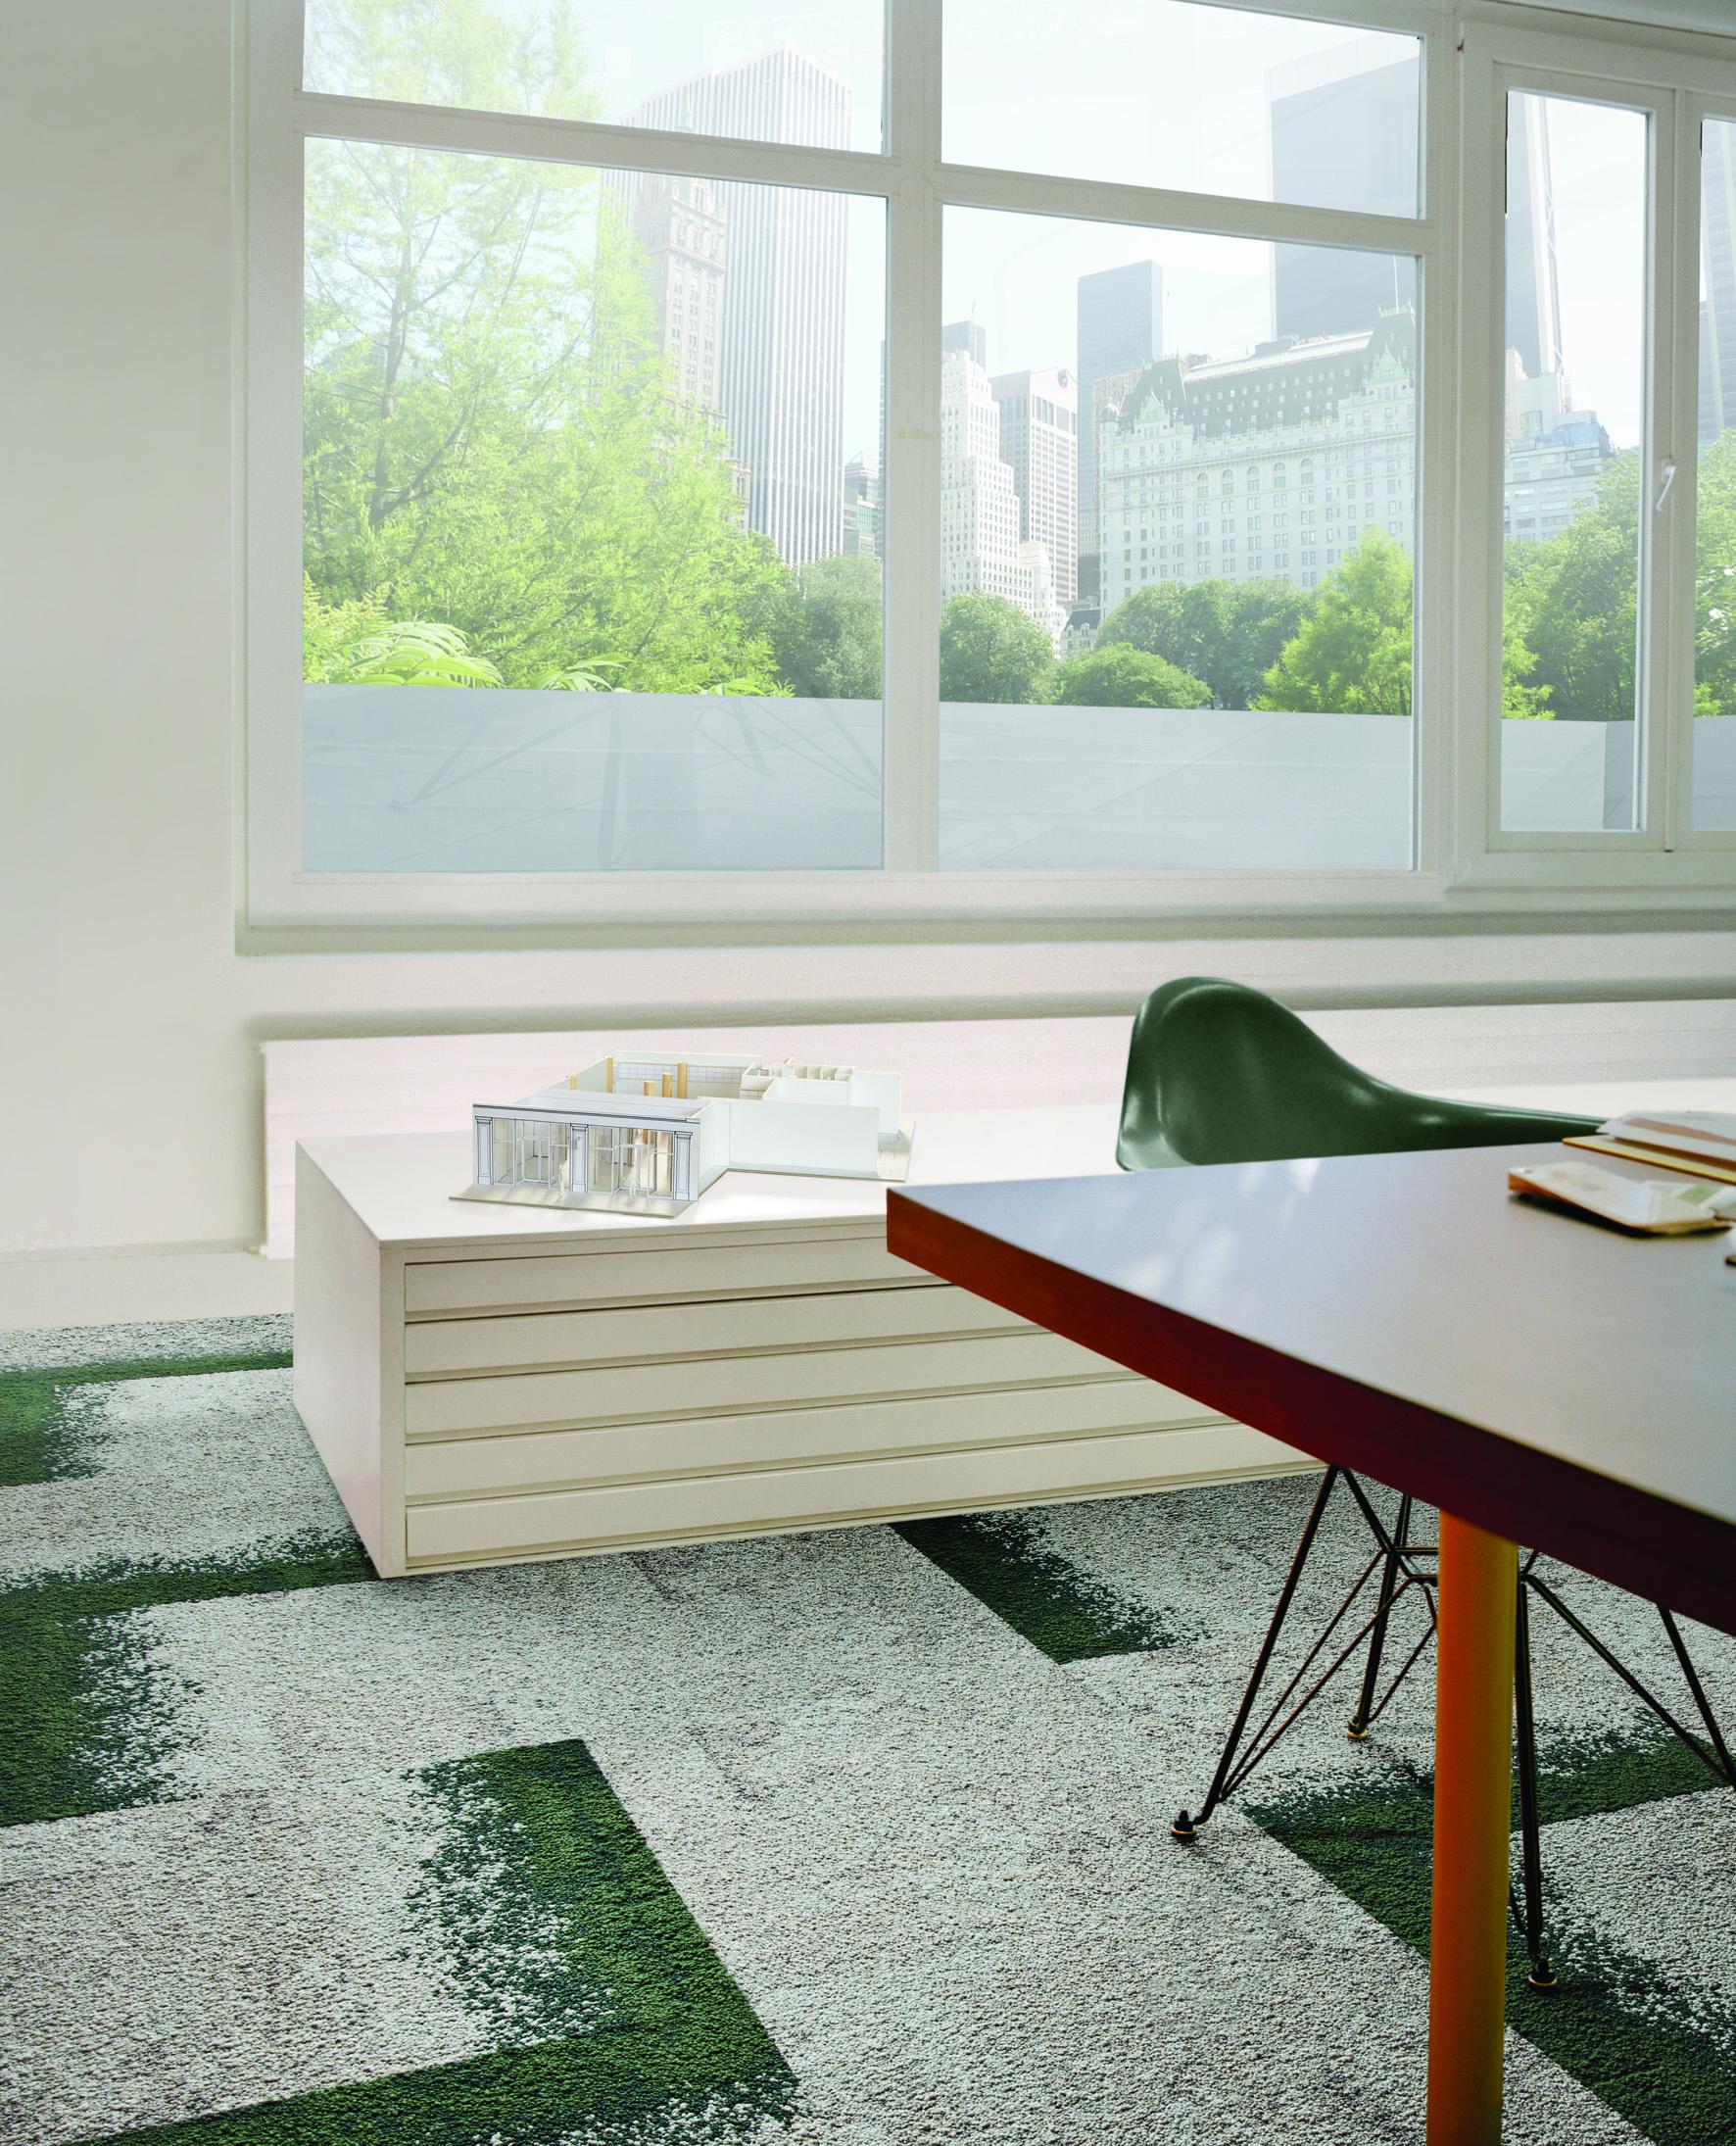 fassaden verkleidungen aus holz und holz werkstoffen. Black Bedroom Furniture Sets. Home Design Ideas